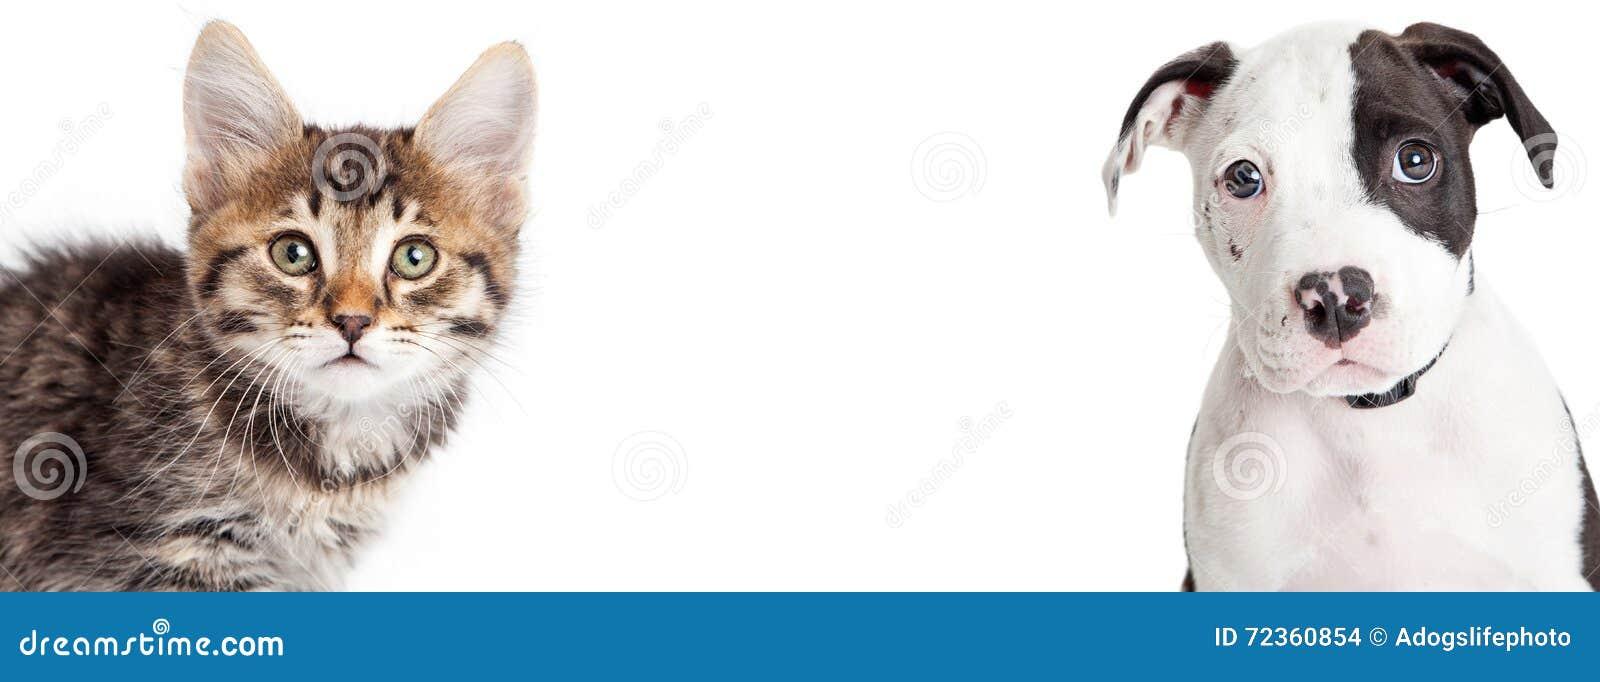 小猫和小狗特写镜头水平的横幅